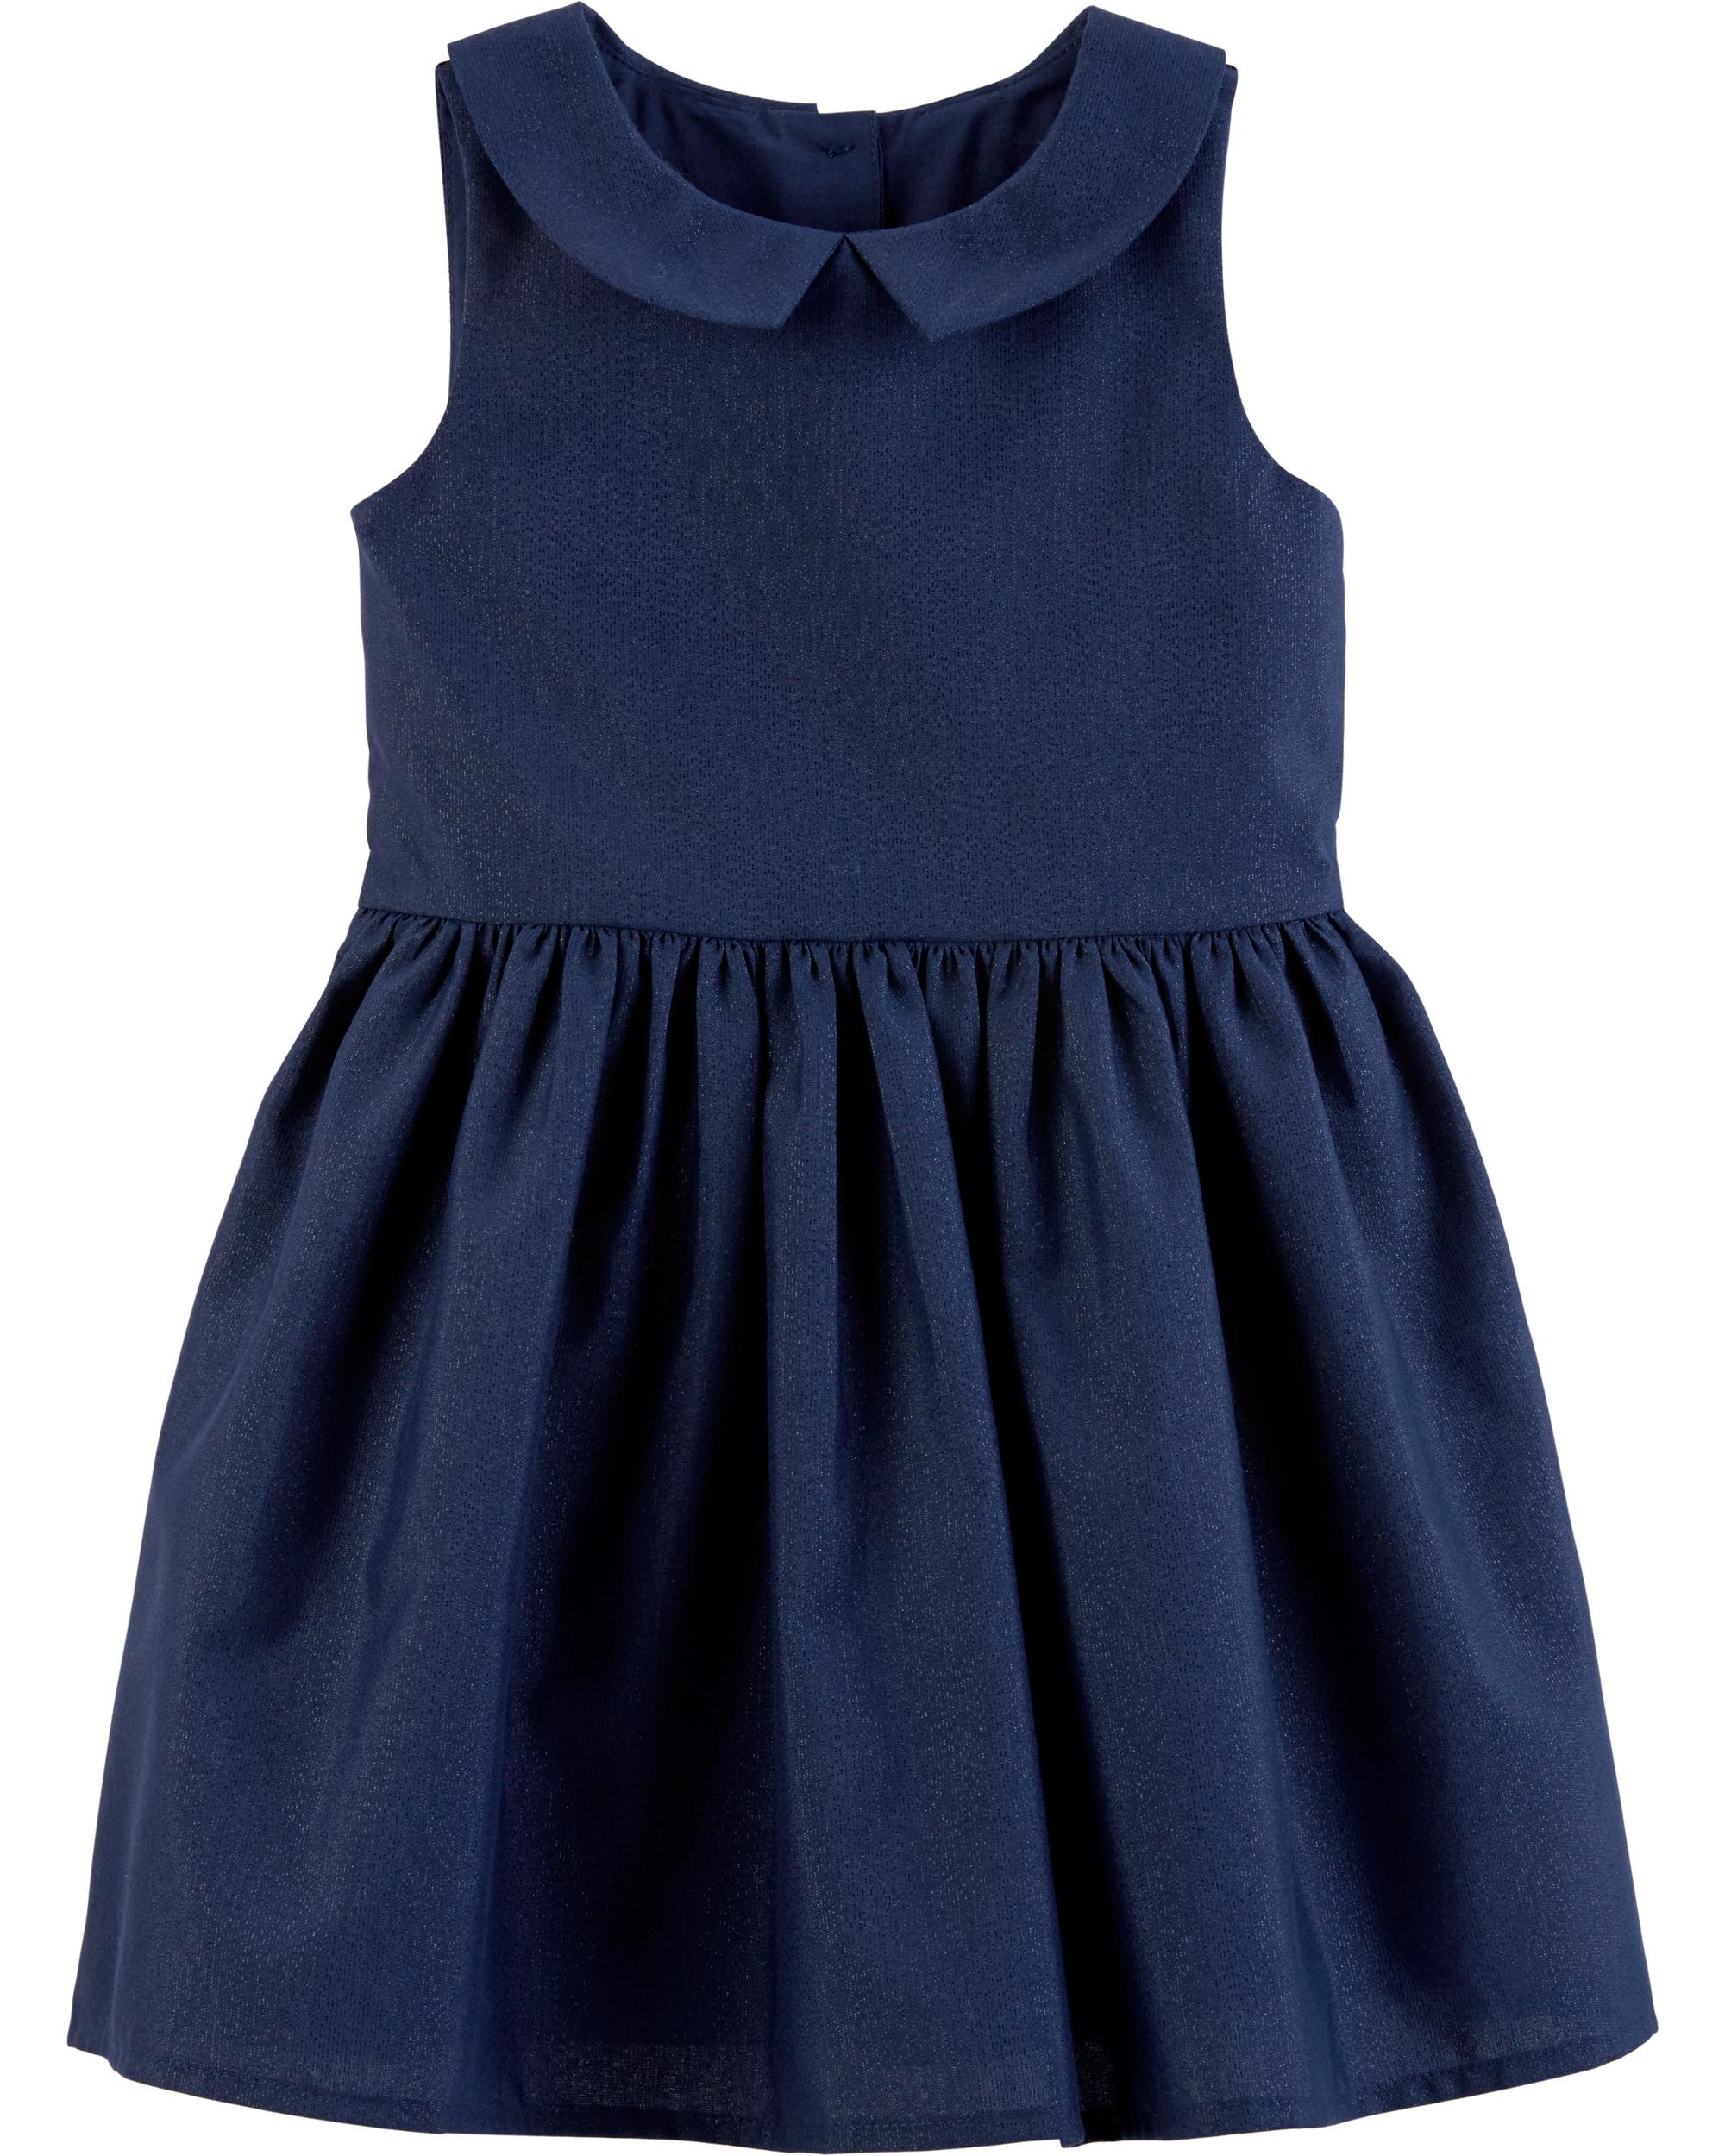 שמלת אריג כחולה